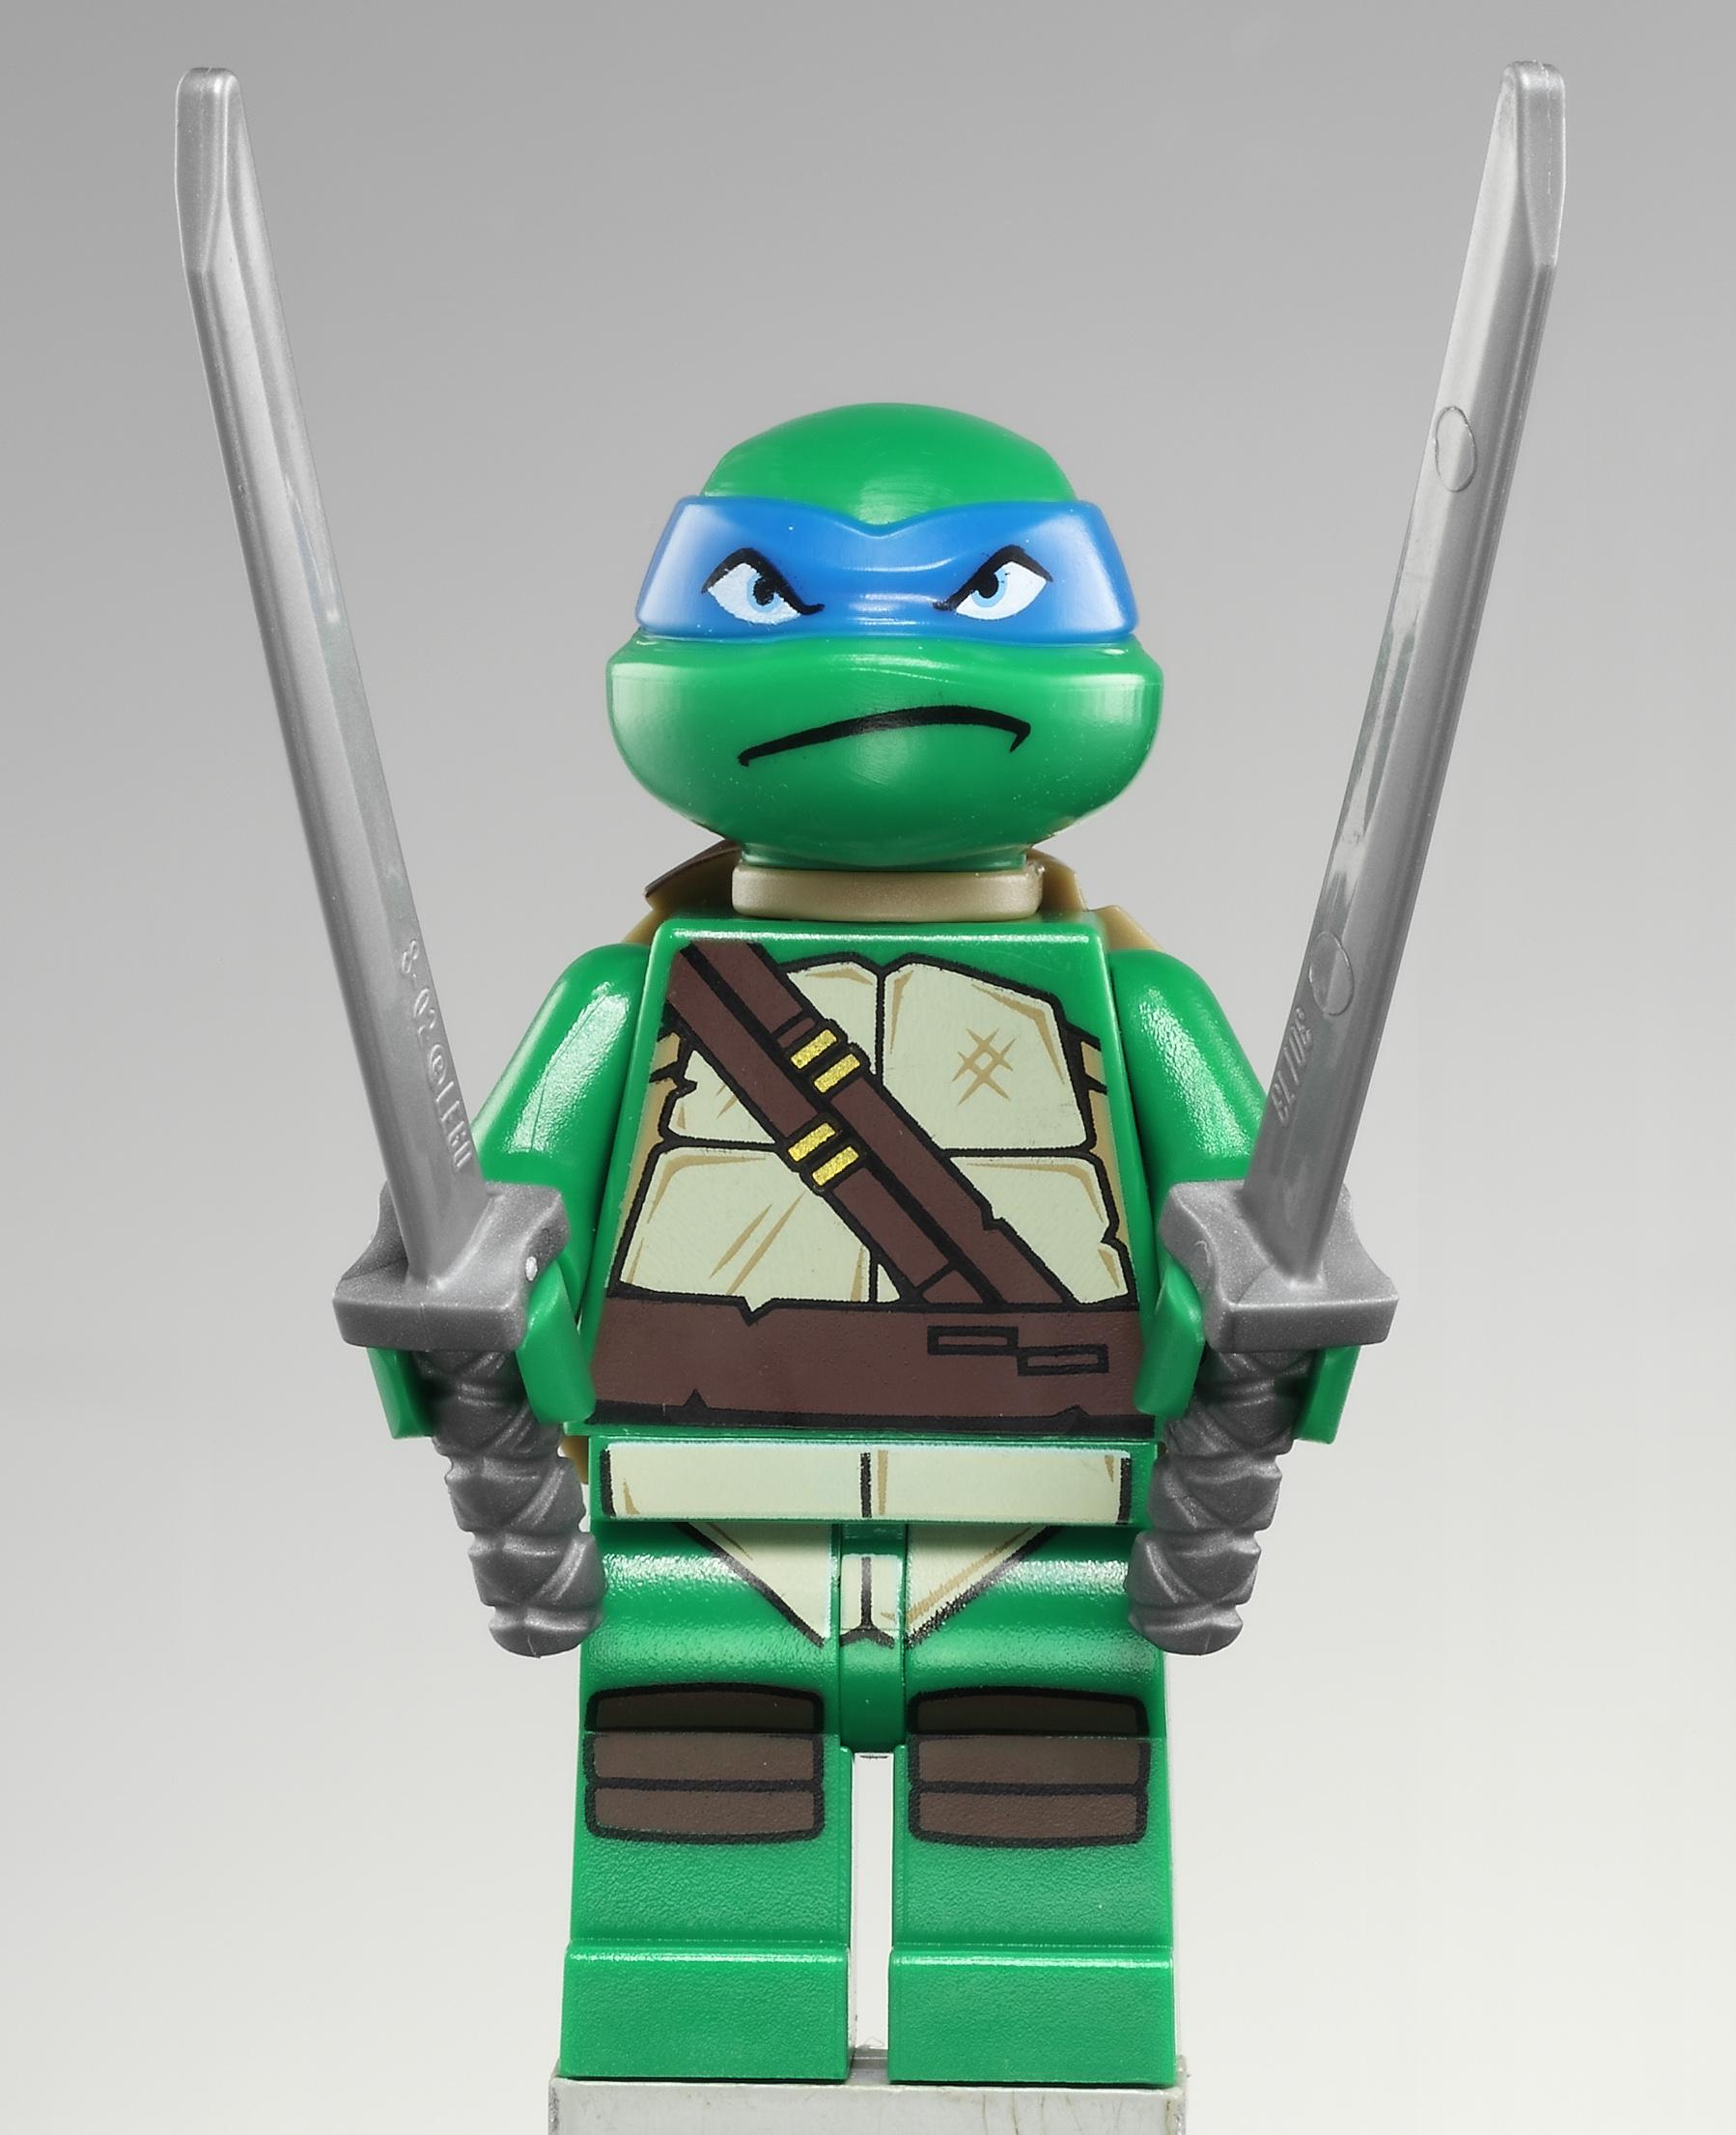 pin lego ninja turtles leonardo tortues 2013 on pinterest. Black Bedroom Furniture Sets. Home Design Ideas